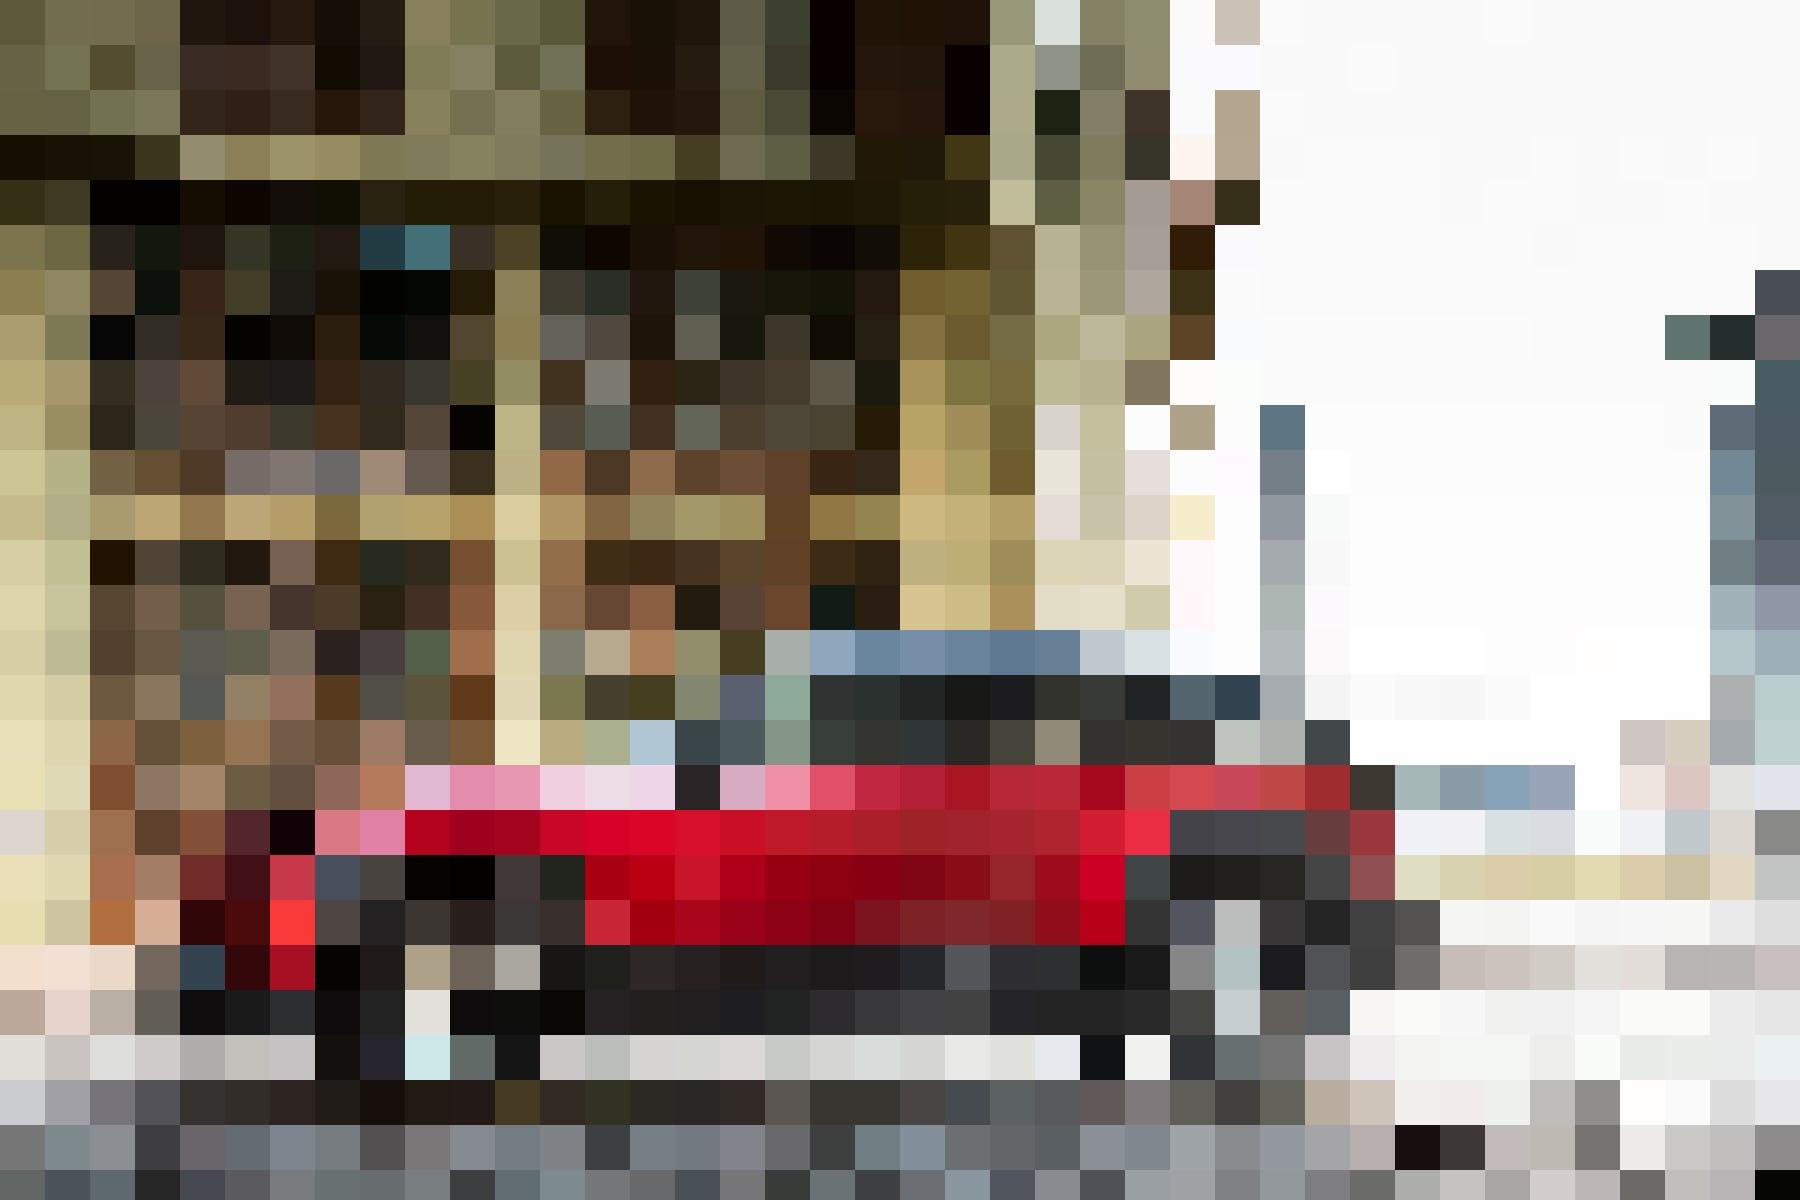 Die Formgebung dieses SUV im Stil eines urbanen Coupés strahlt die Dynamik und Spannung einer sprungbereiten Raubkatze aus. Die subtile gestalterische...